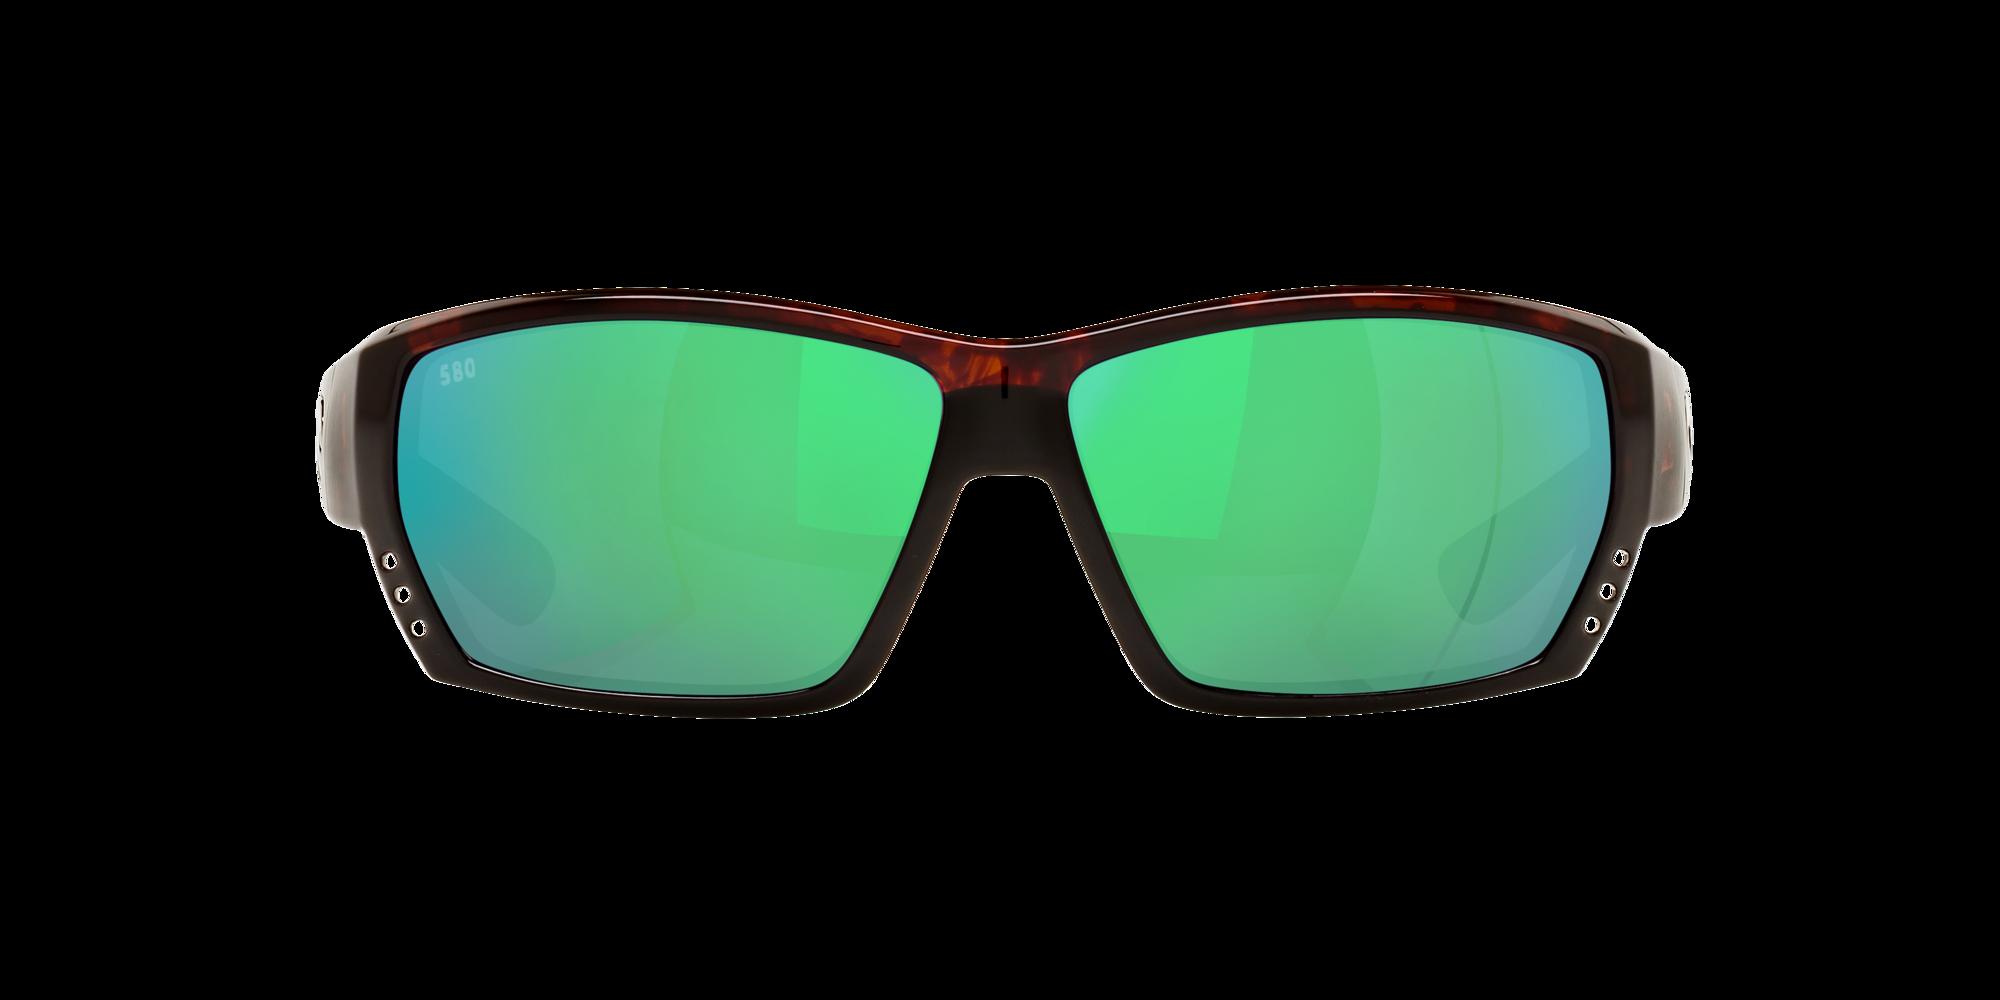 Imagen para TUNA ALLEY POLARIZED 61 de LensCrafters |  Espejuelos, espejuelos graduados en línea, gafas